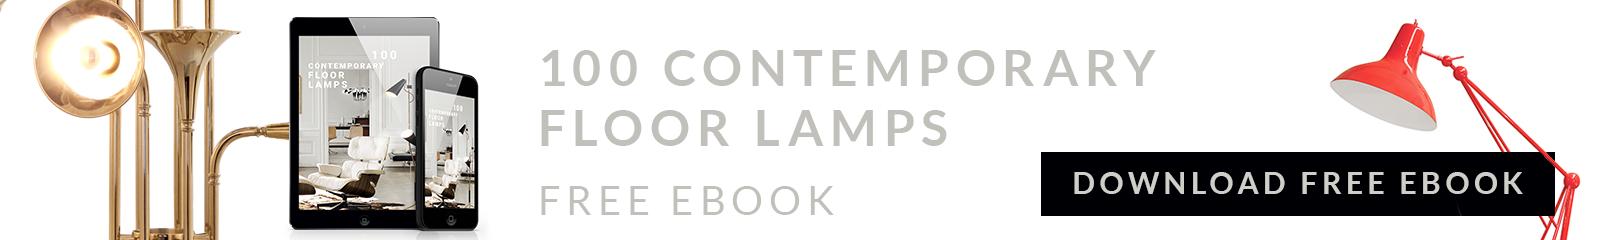 Отель в Буэнос-Айресе: роскошный проект в Аргентине 100 contemporary floor lamps blog contemporary lighting